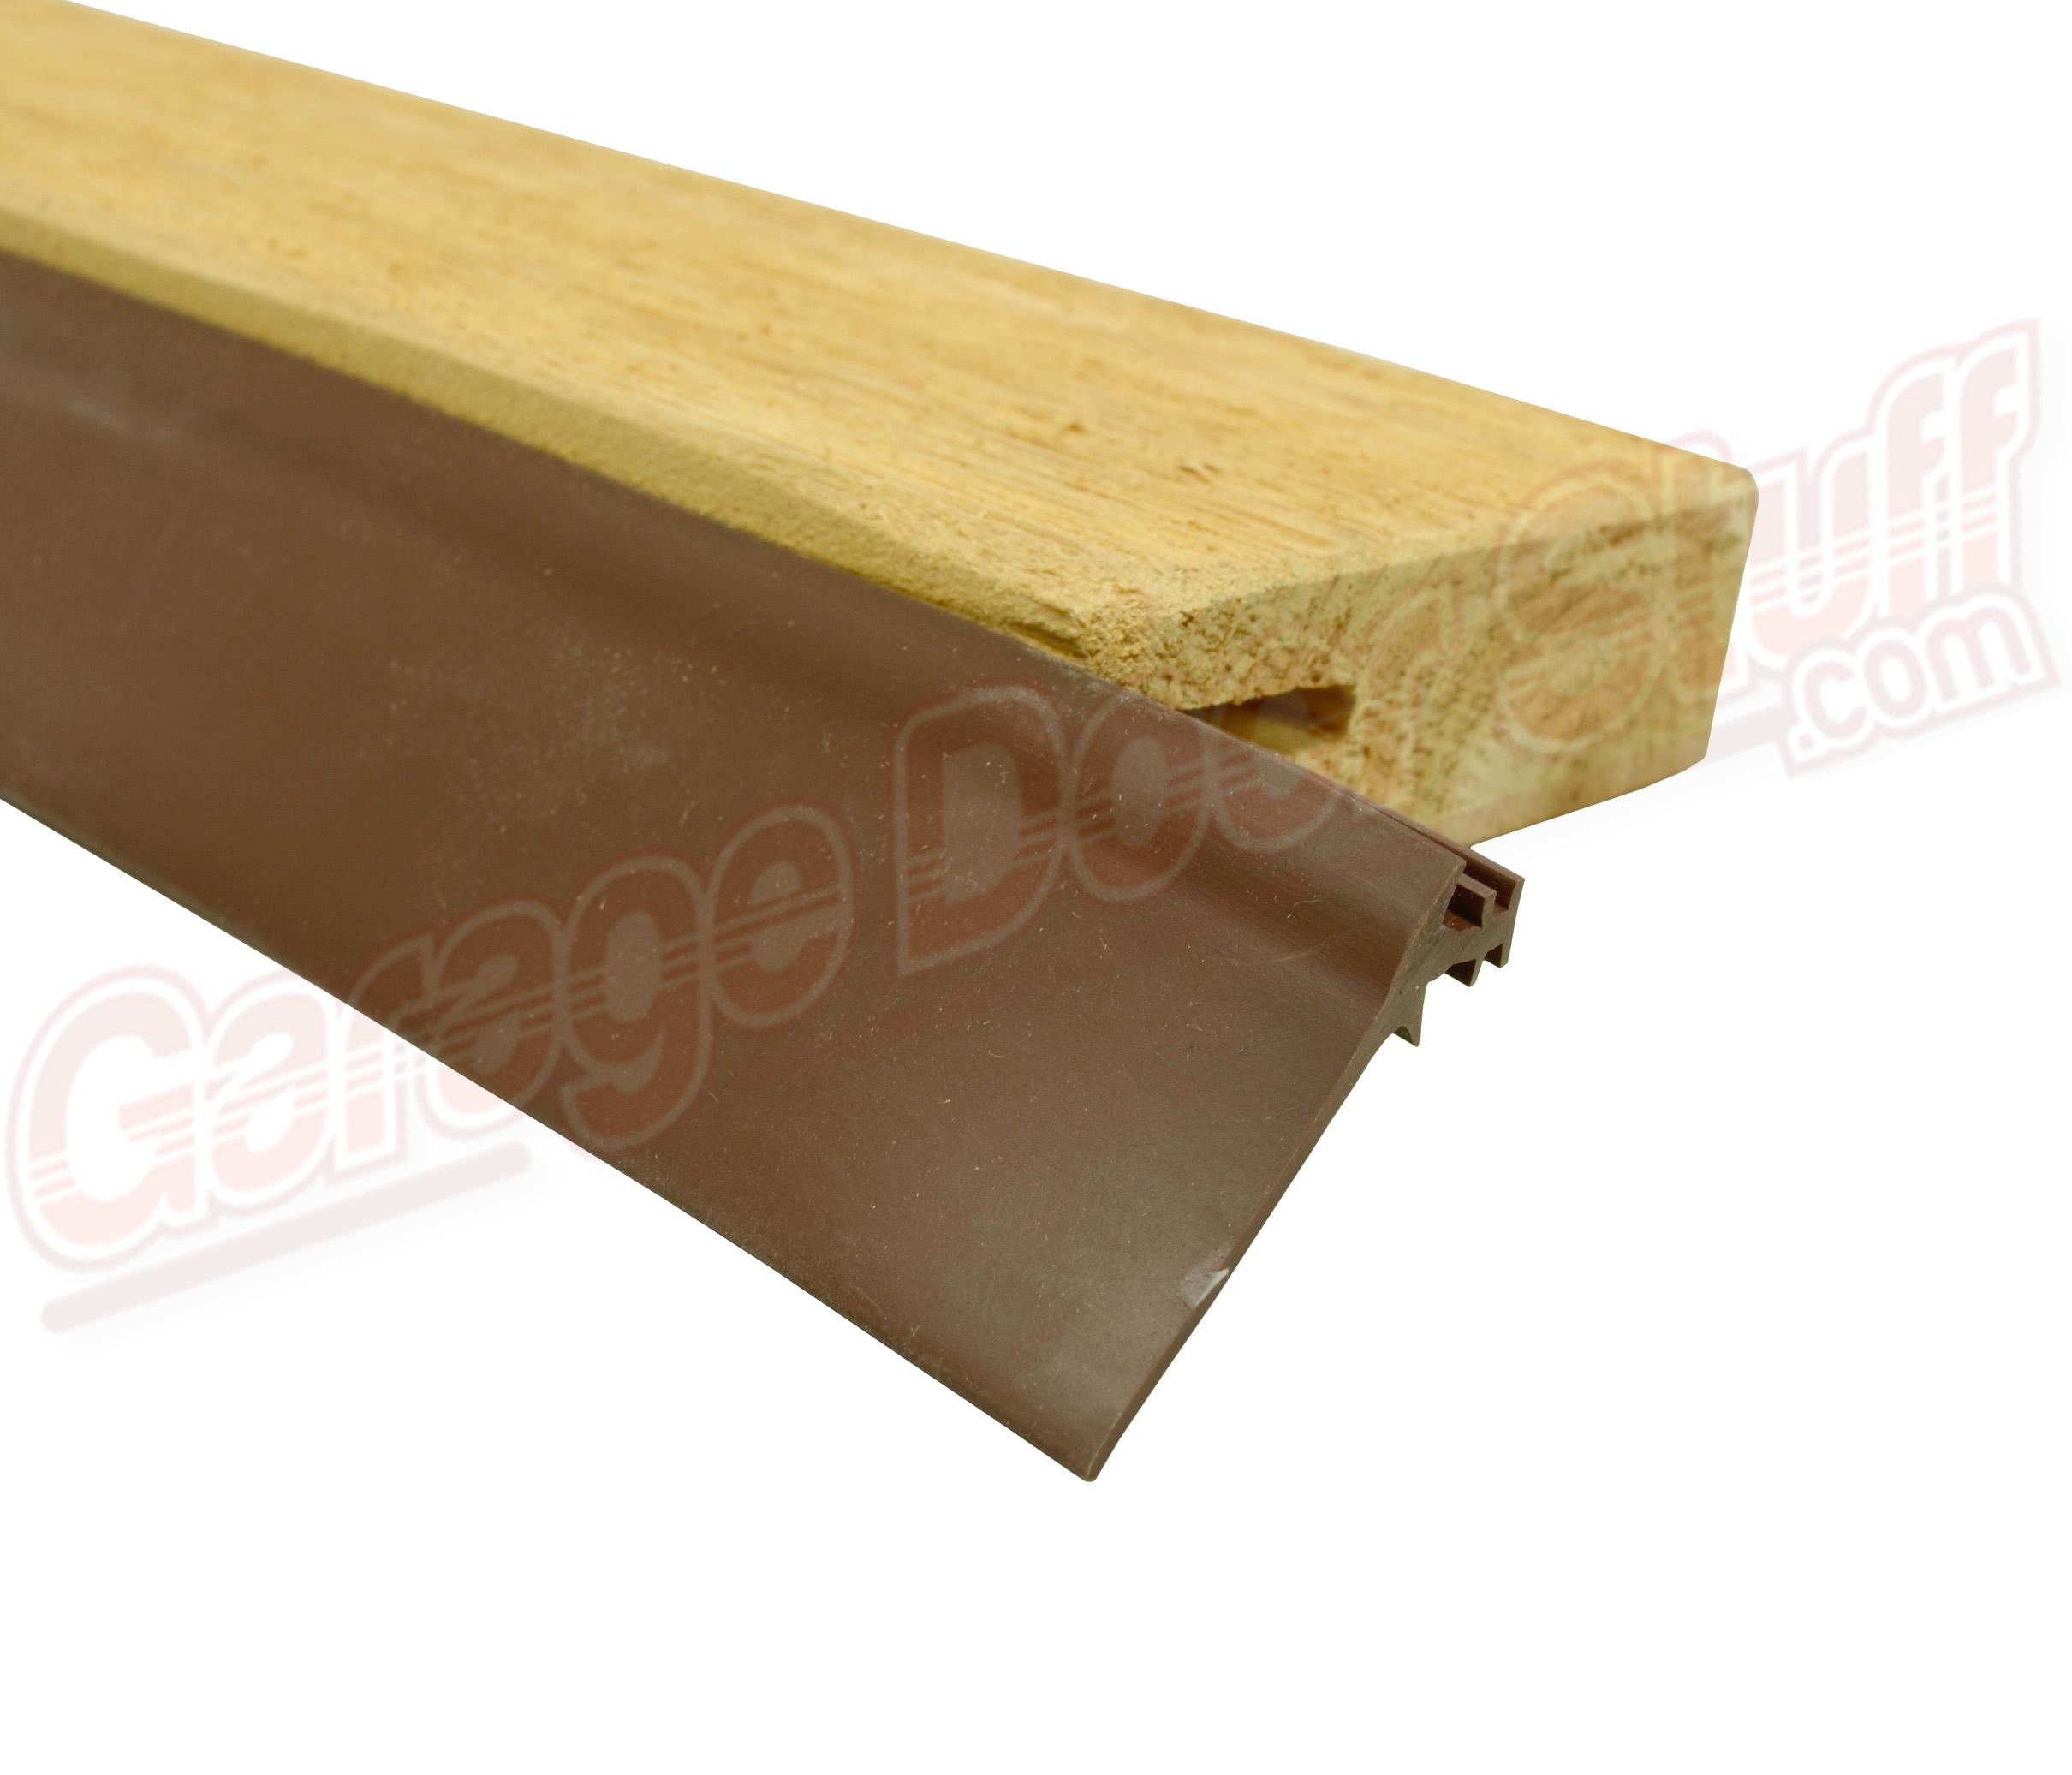 Wood Garage Door Stop Moulding  sc 1 st  Garage Door Stuff & Wood Garage Door Stop Moulding - Garage Door Stuff